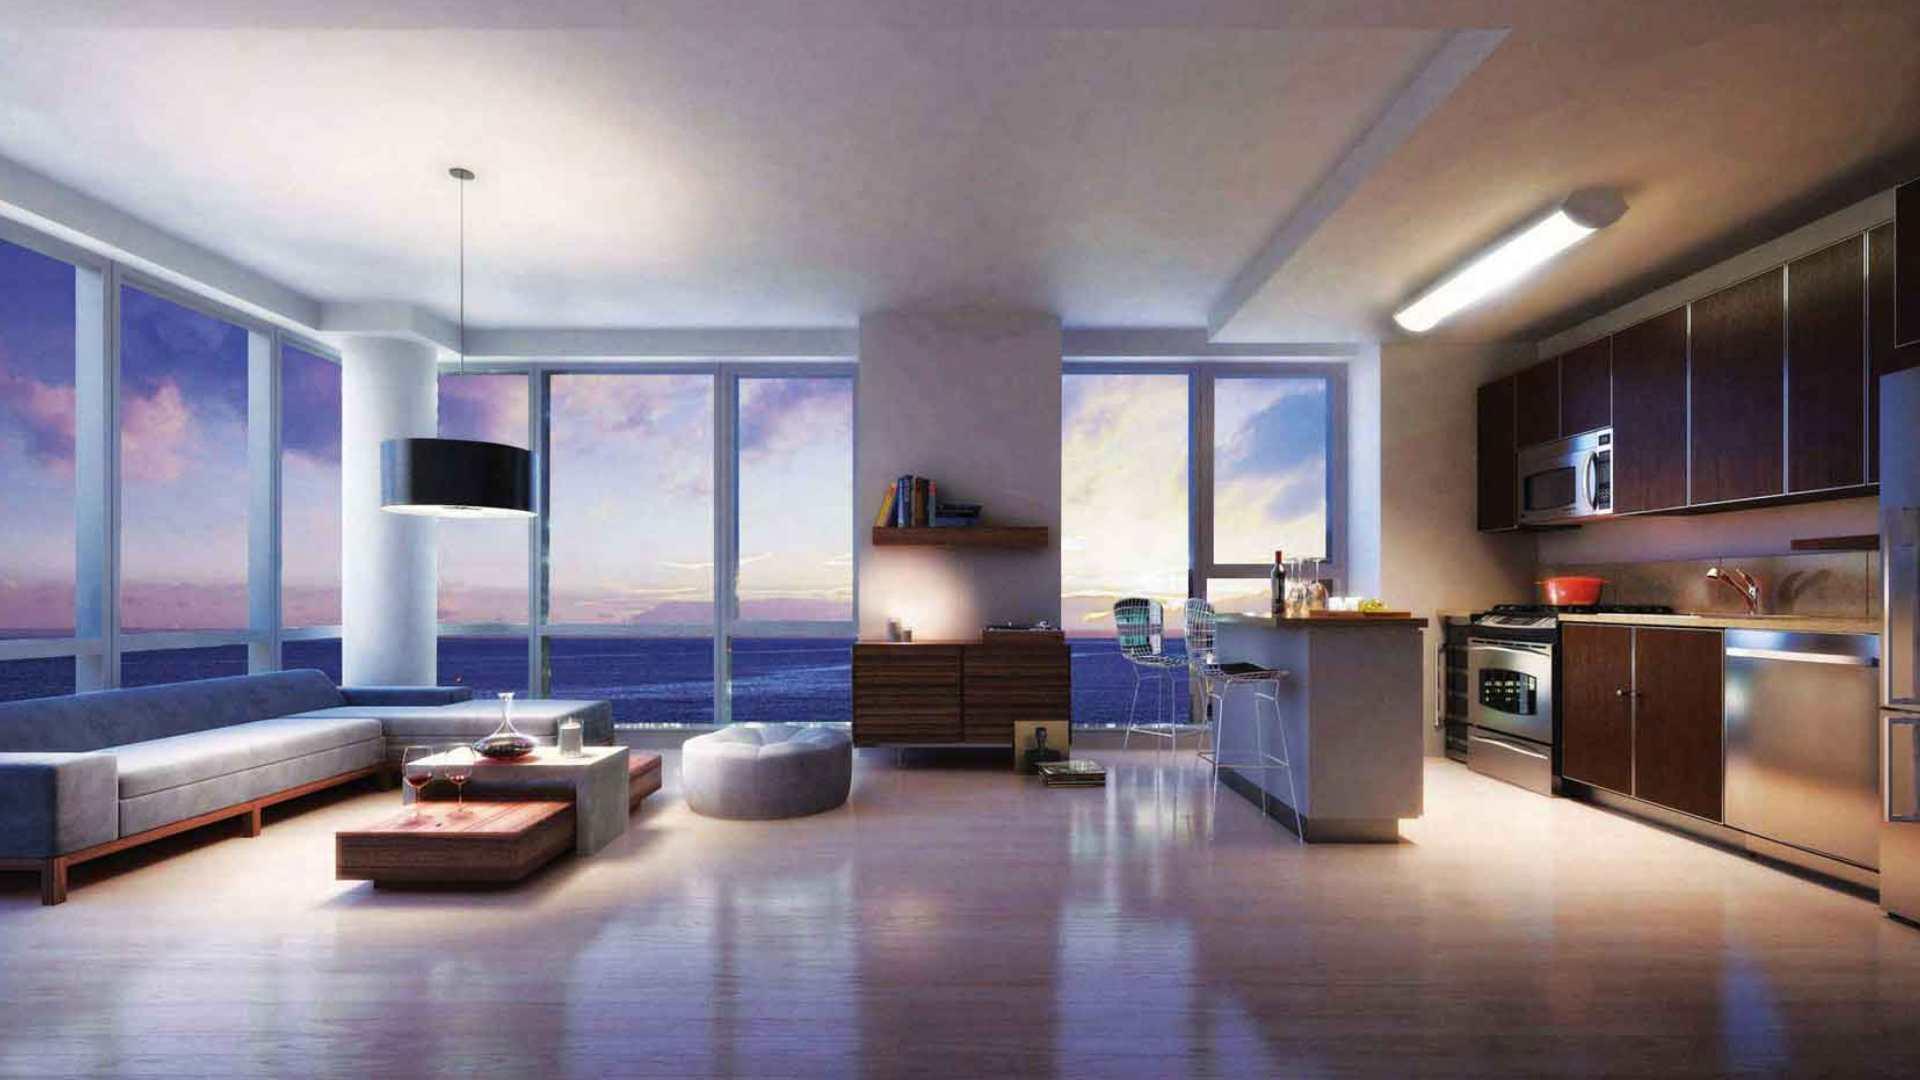 Ático en venta en Dubai, EAU, 6 dormitorios, 877 m2, № 24387 – foto 4